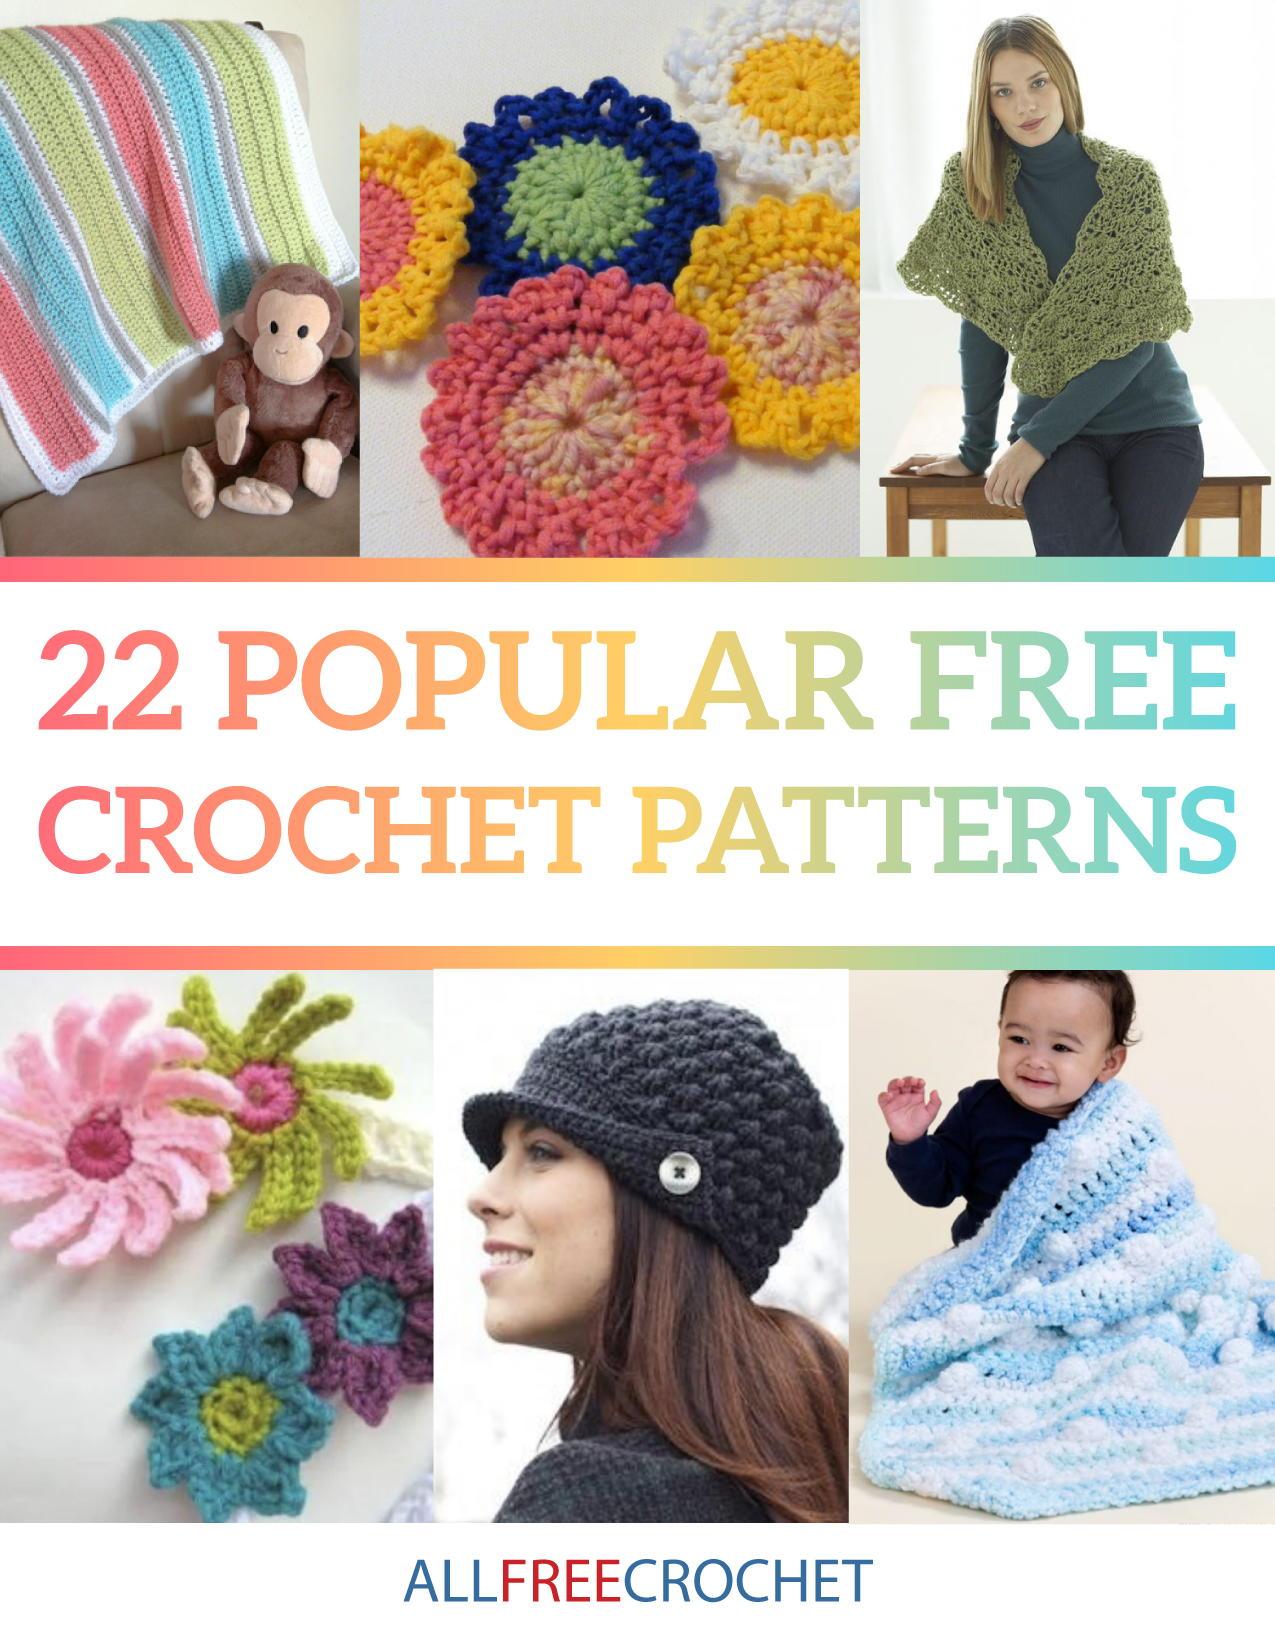 22 Popular Free Crochet Patterns Ebook Allfreecrochet Com